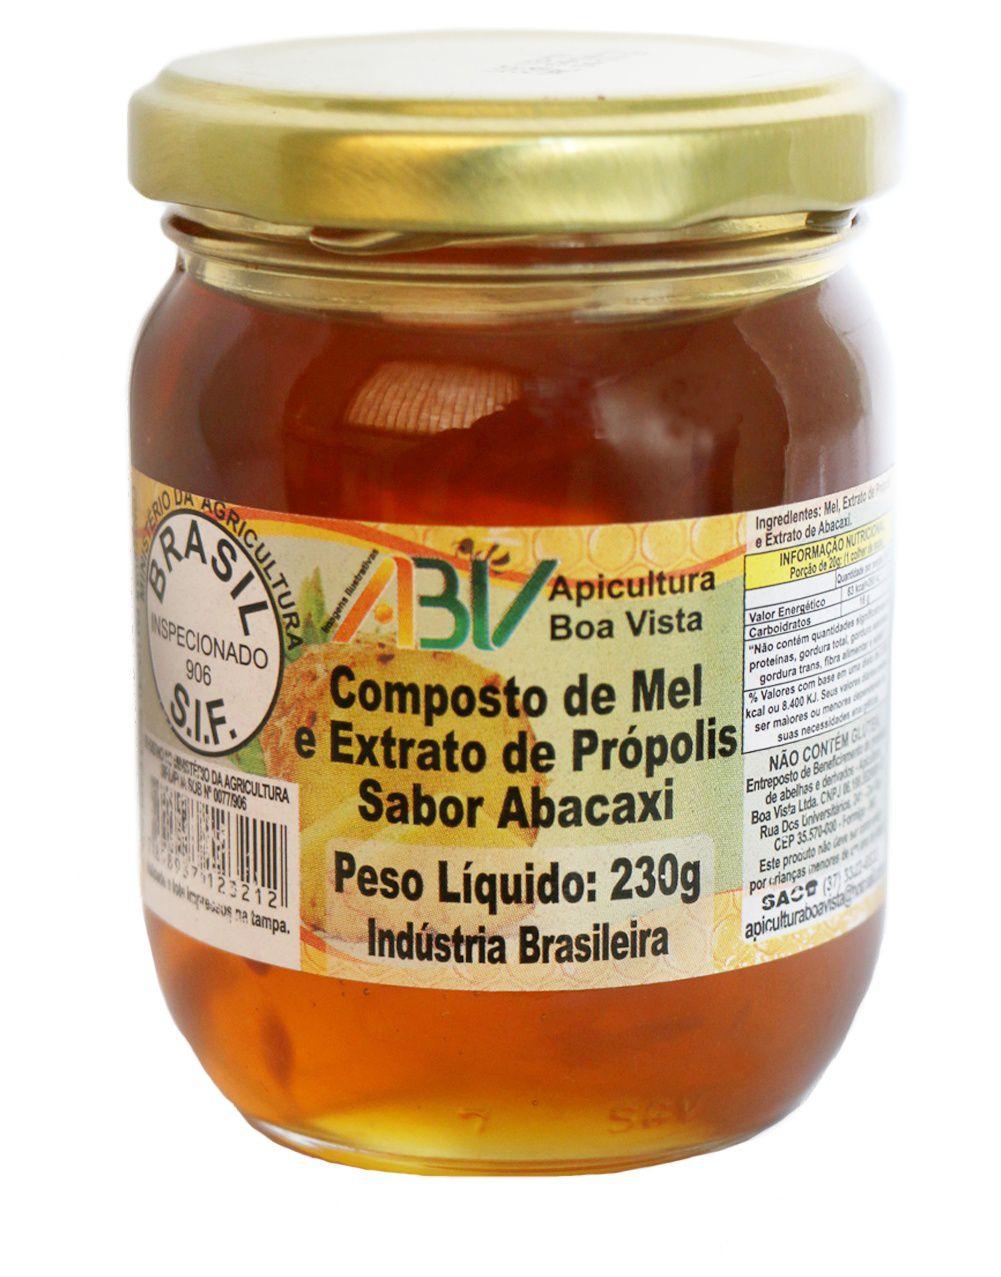 Composto de mel e extrato de própolis sabor abacaxi pote vidro 230g